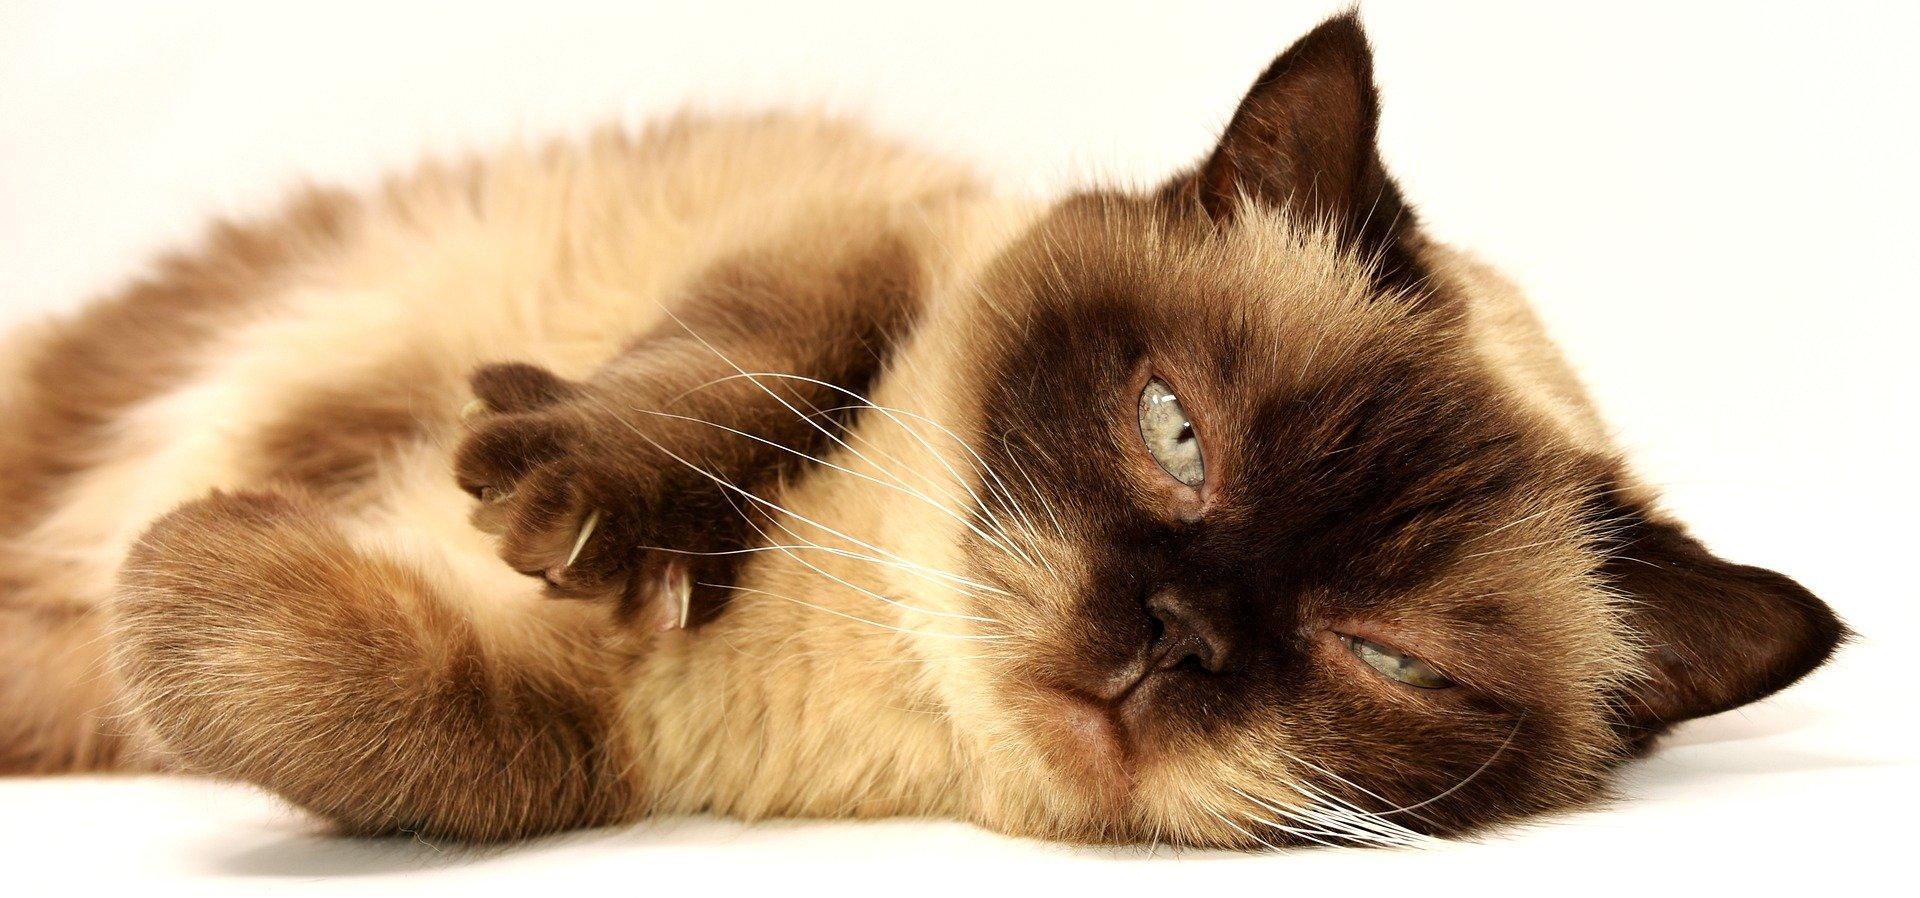 Parassiti del gatto, sintomi e cosa fare